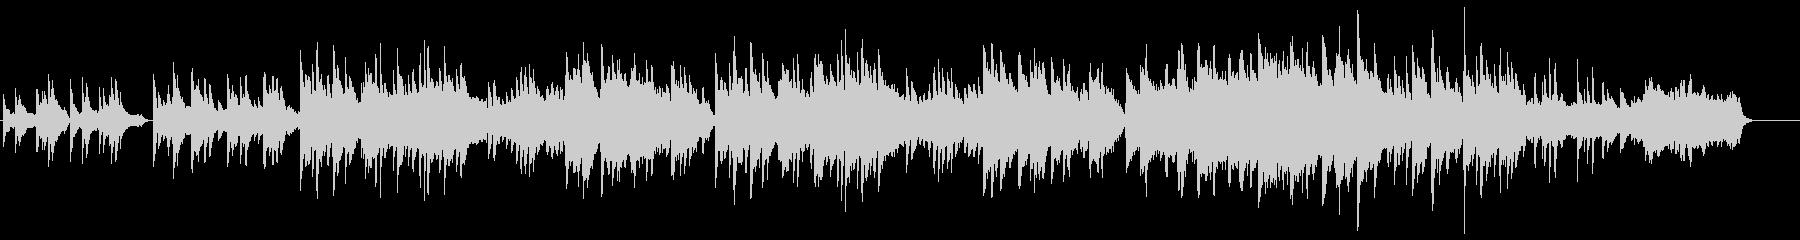 ブライダルなセンチメンタルピアノバラードの未再生の波形